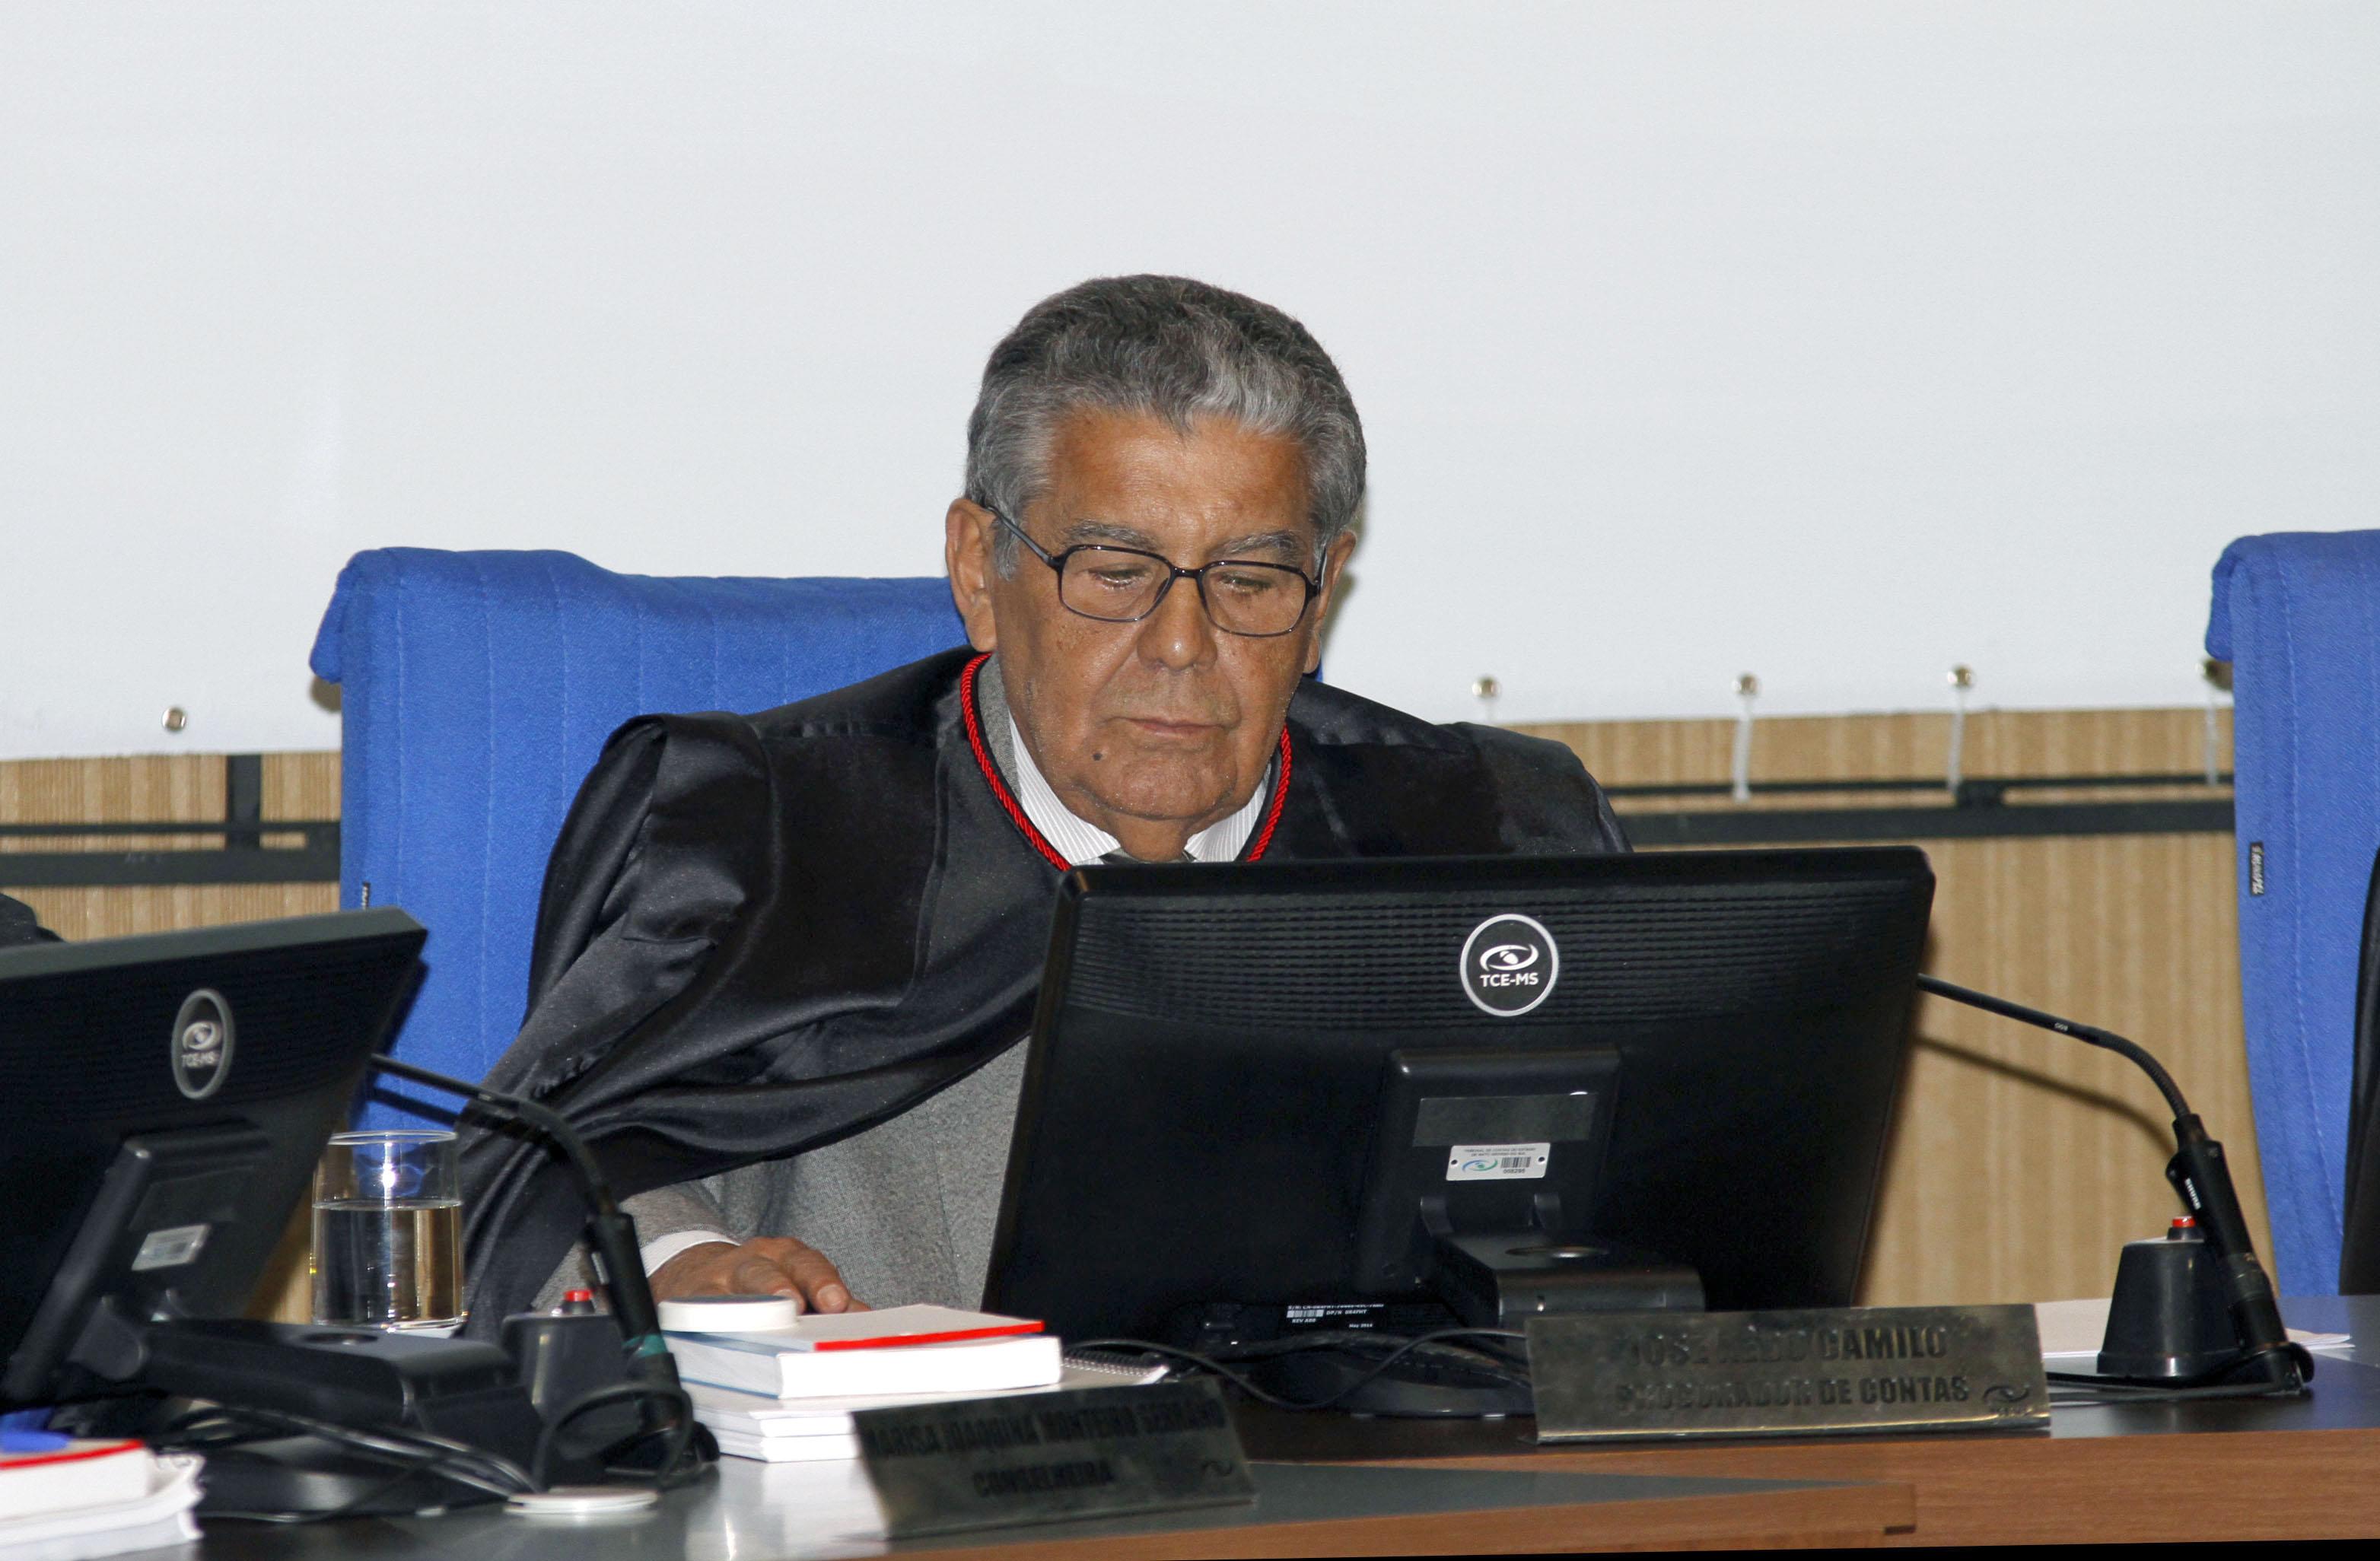 Prestação de contas de Jaraguari é considerada irregular e procurador recomenda aplicação de multa